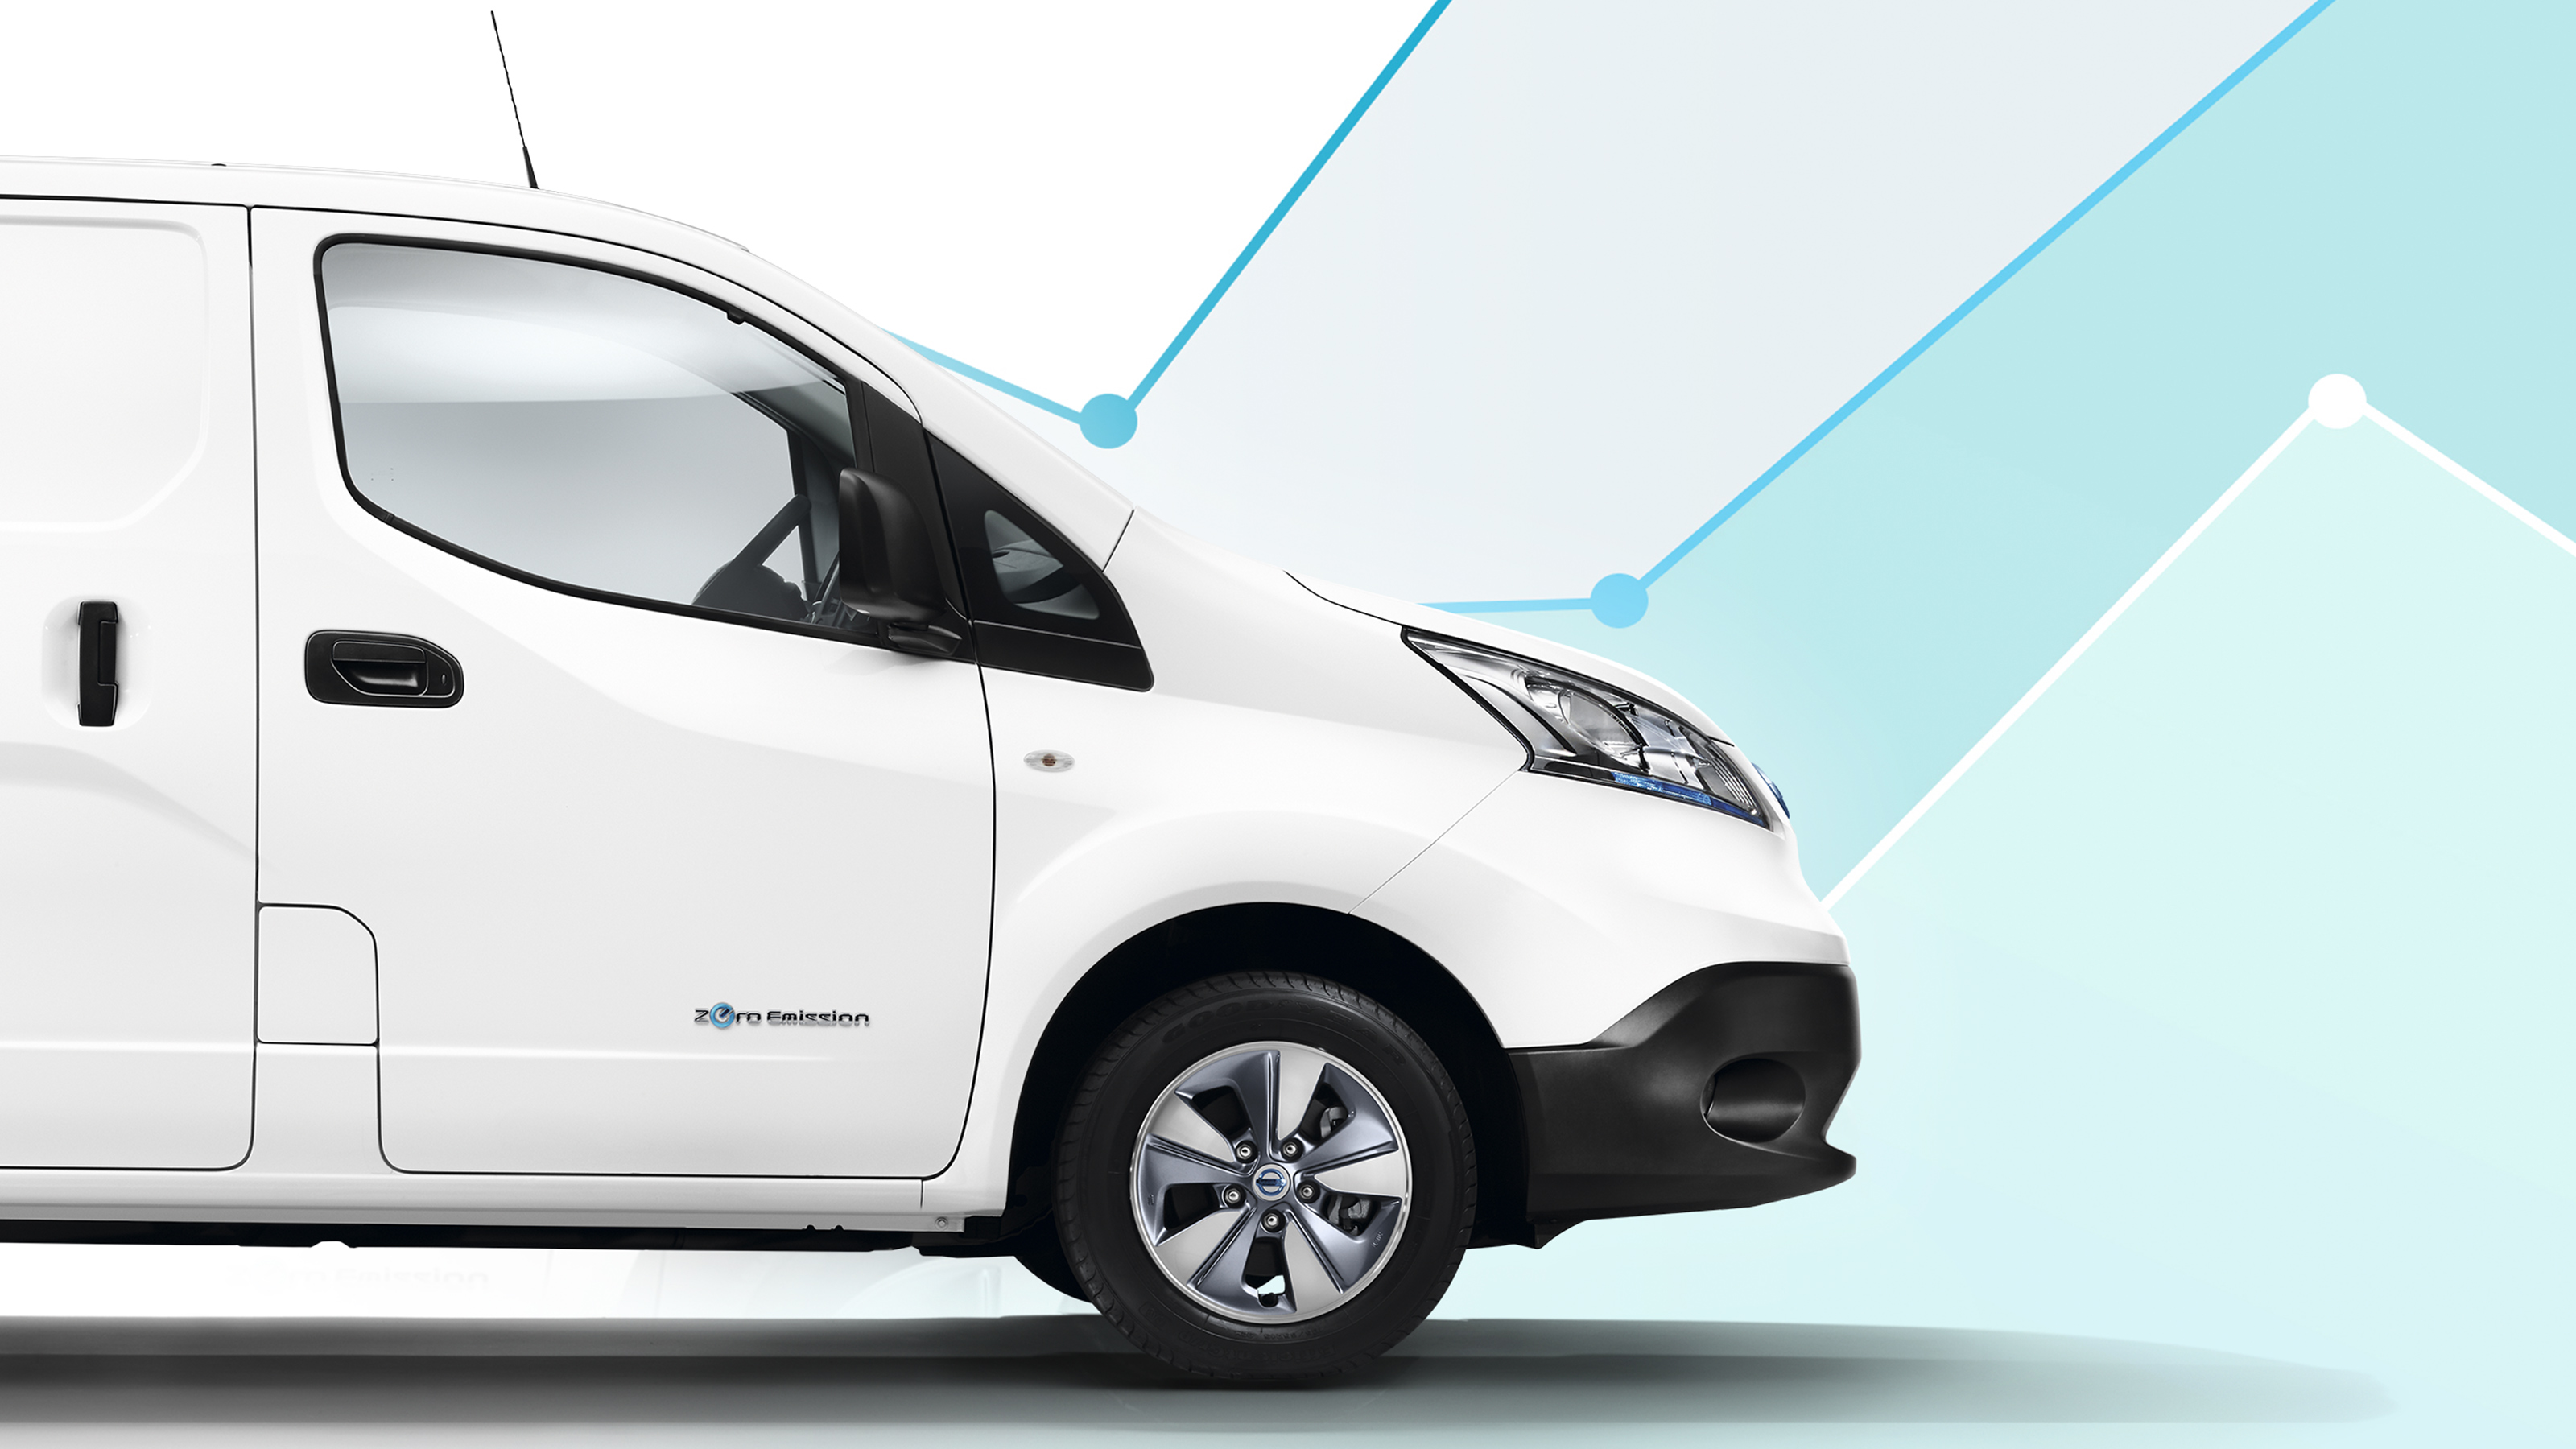 Nissan E Fourgon Électrique Nv200 Utilitaireamp; jLpSUGqzMV